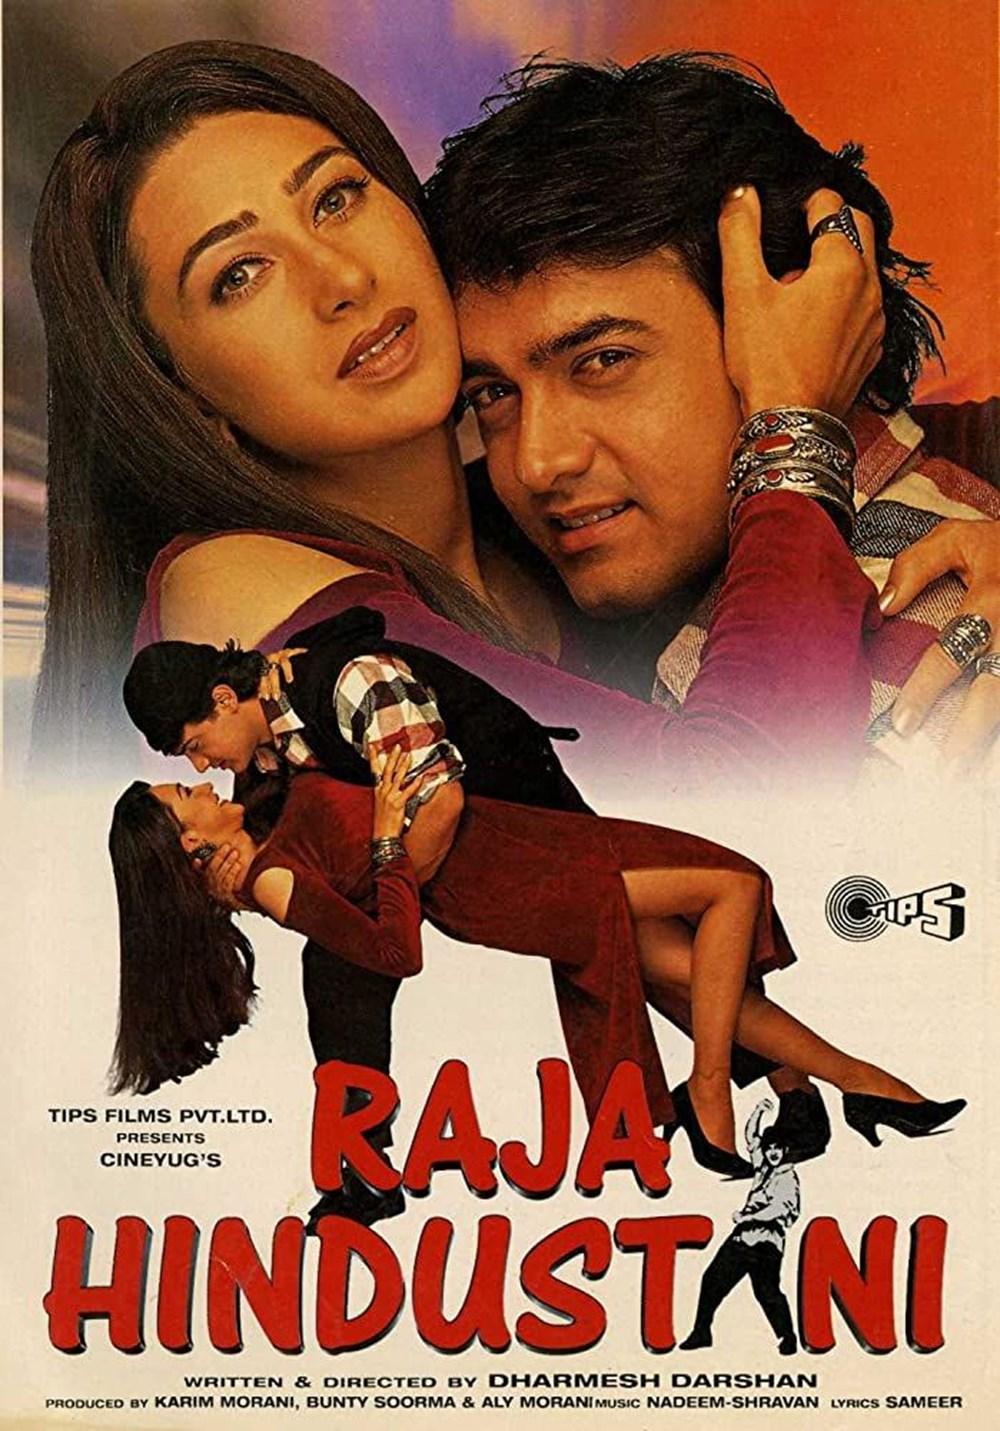 En iyi Aamir Khan filmleri (Aamir Khan'ın izlenmesi gereken filmleri) - 6